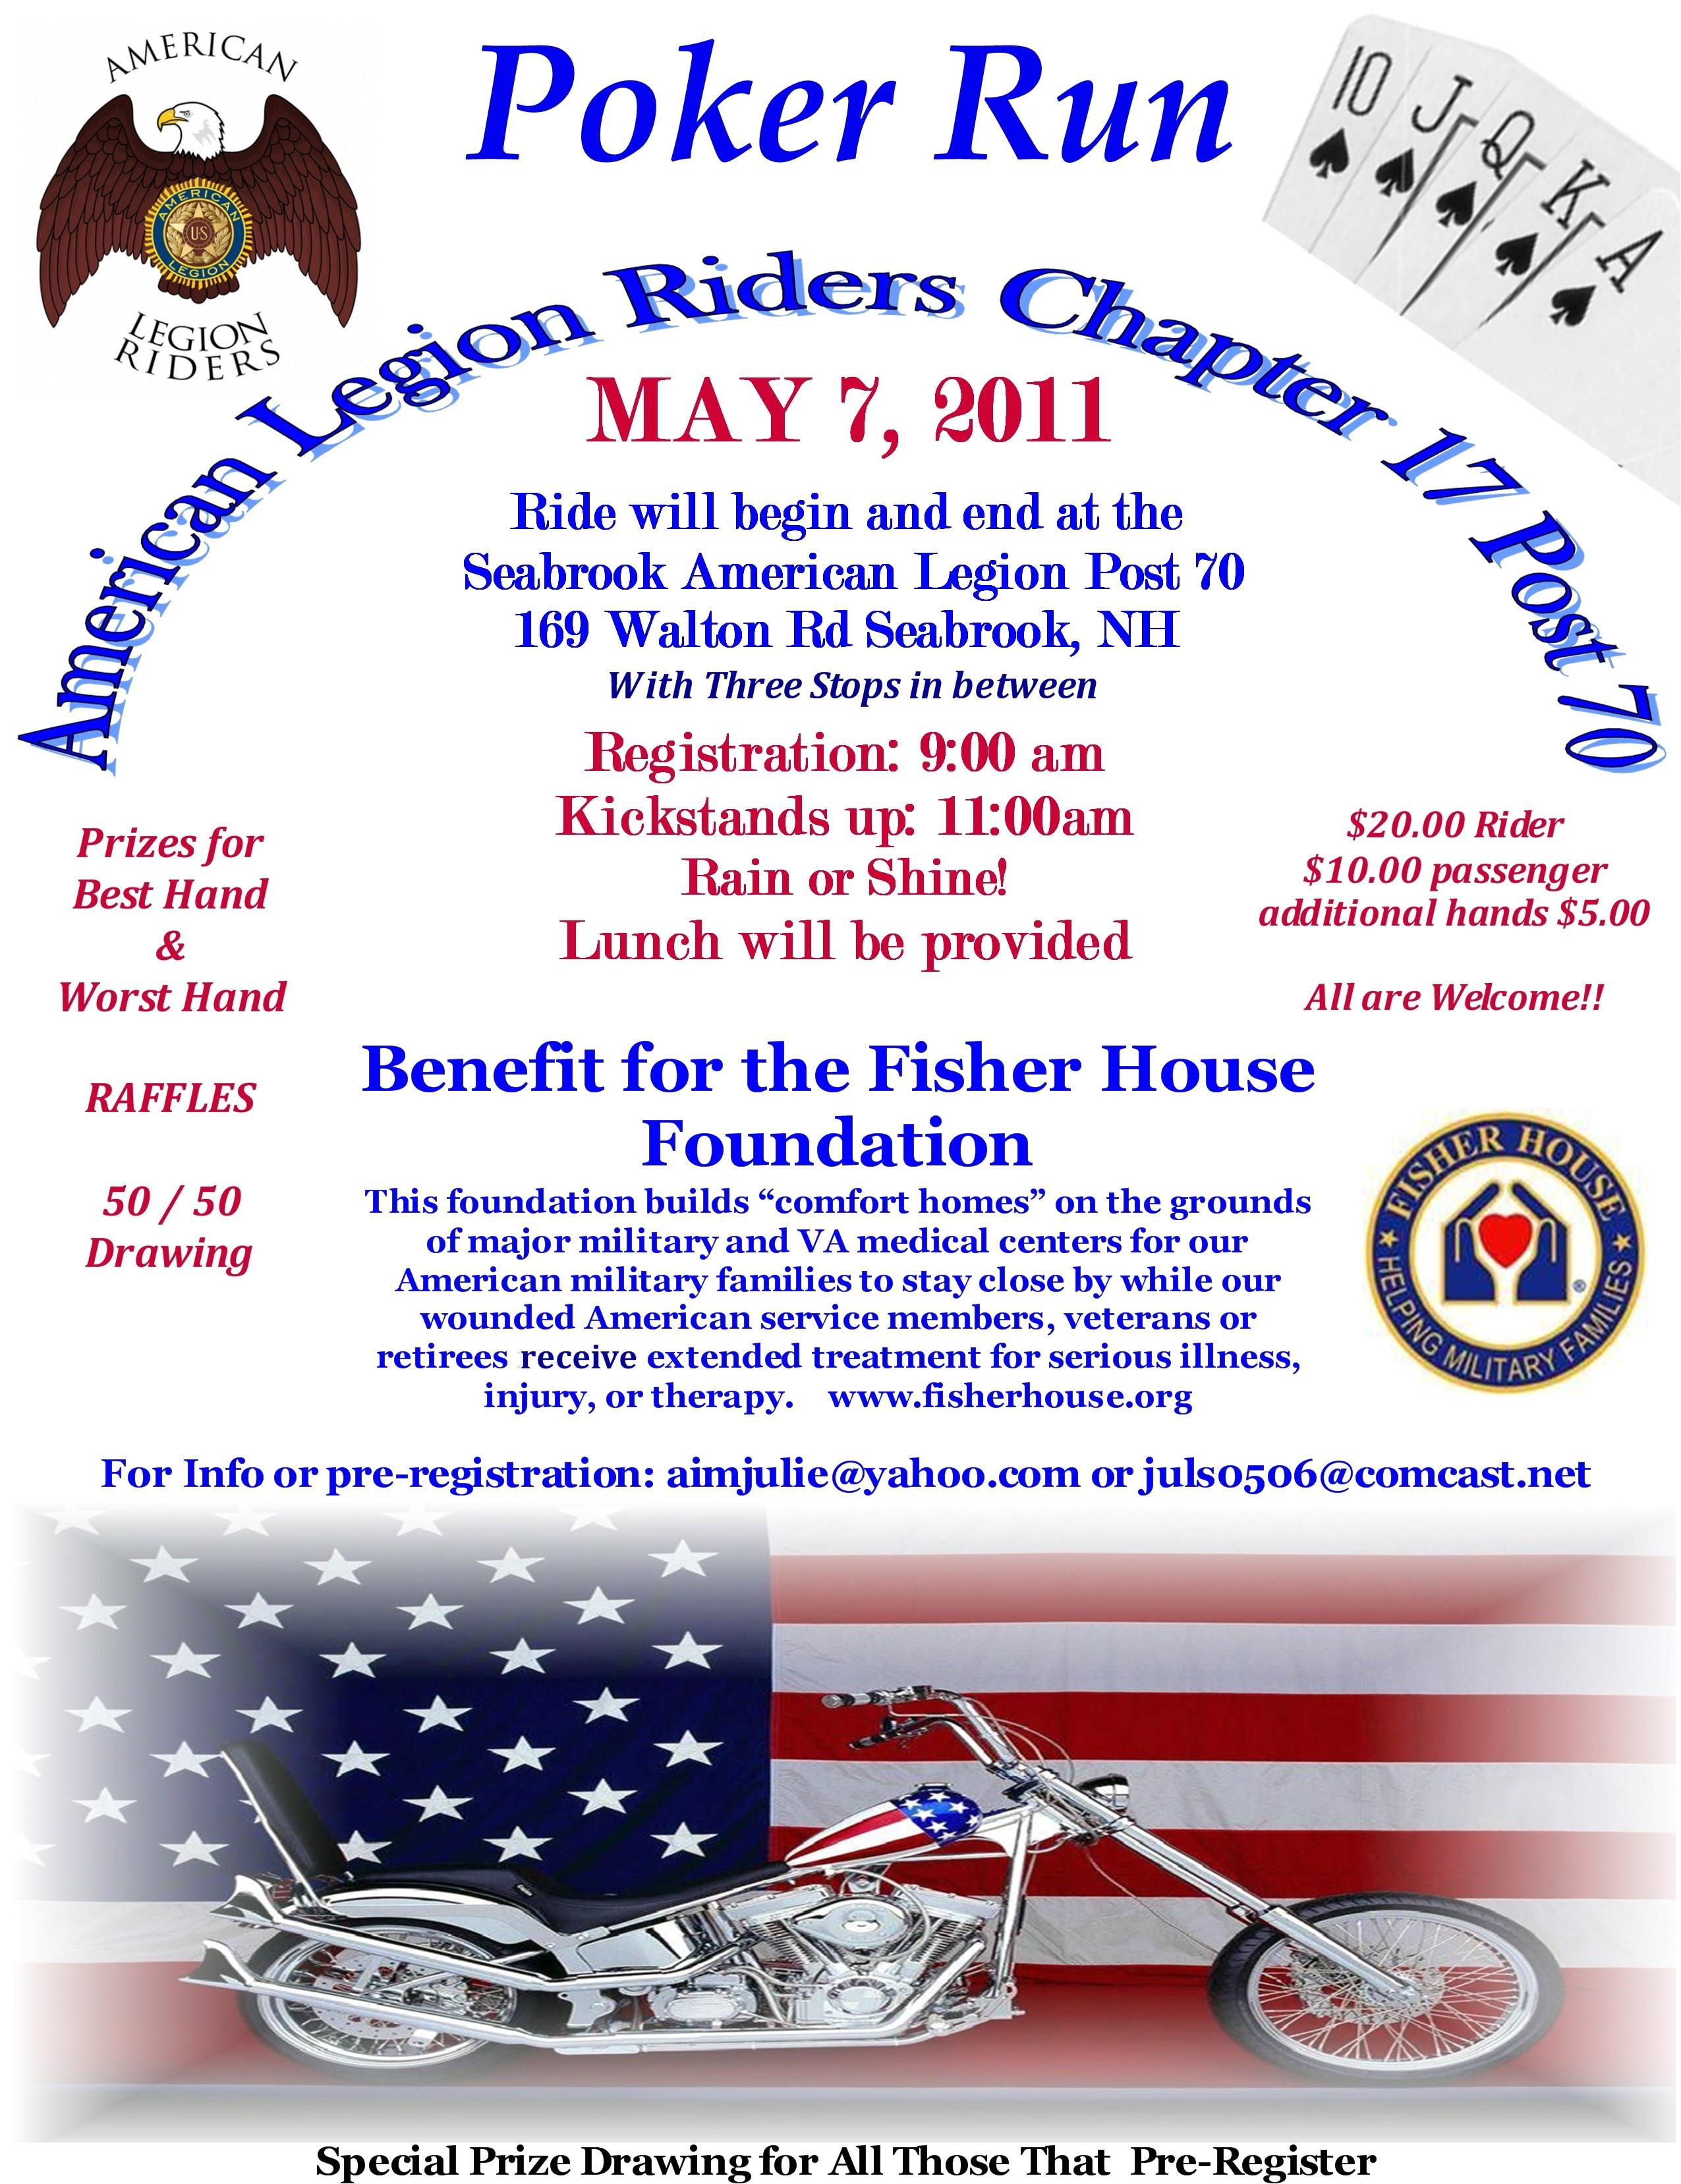 american legion riders membership card template